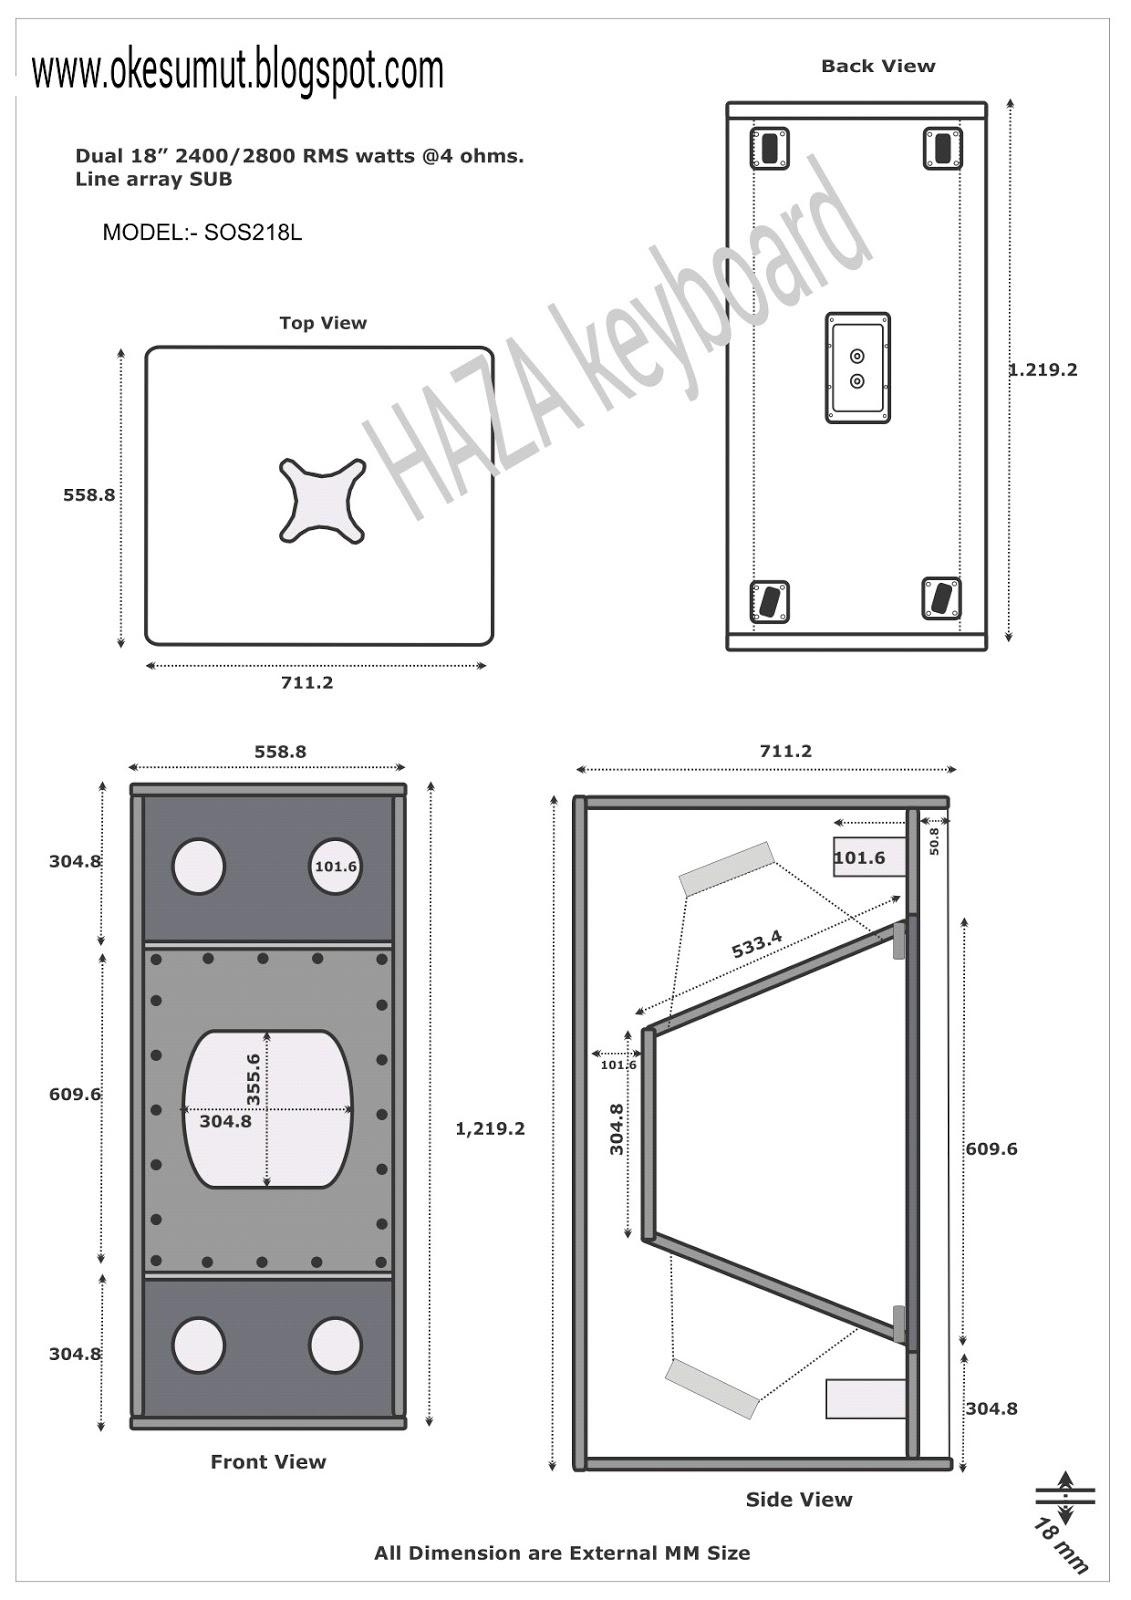 3 way line wiring diagram skema box speaker 18  sos 218l haza musik  skema box speaker 18  sos 218l haza musik